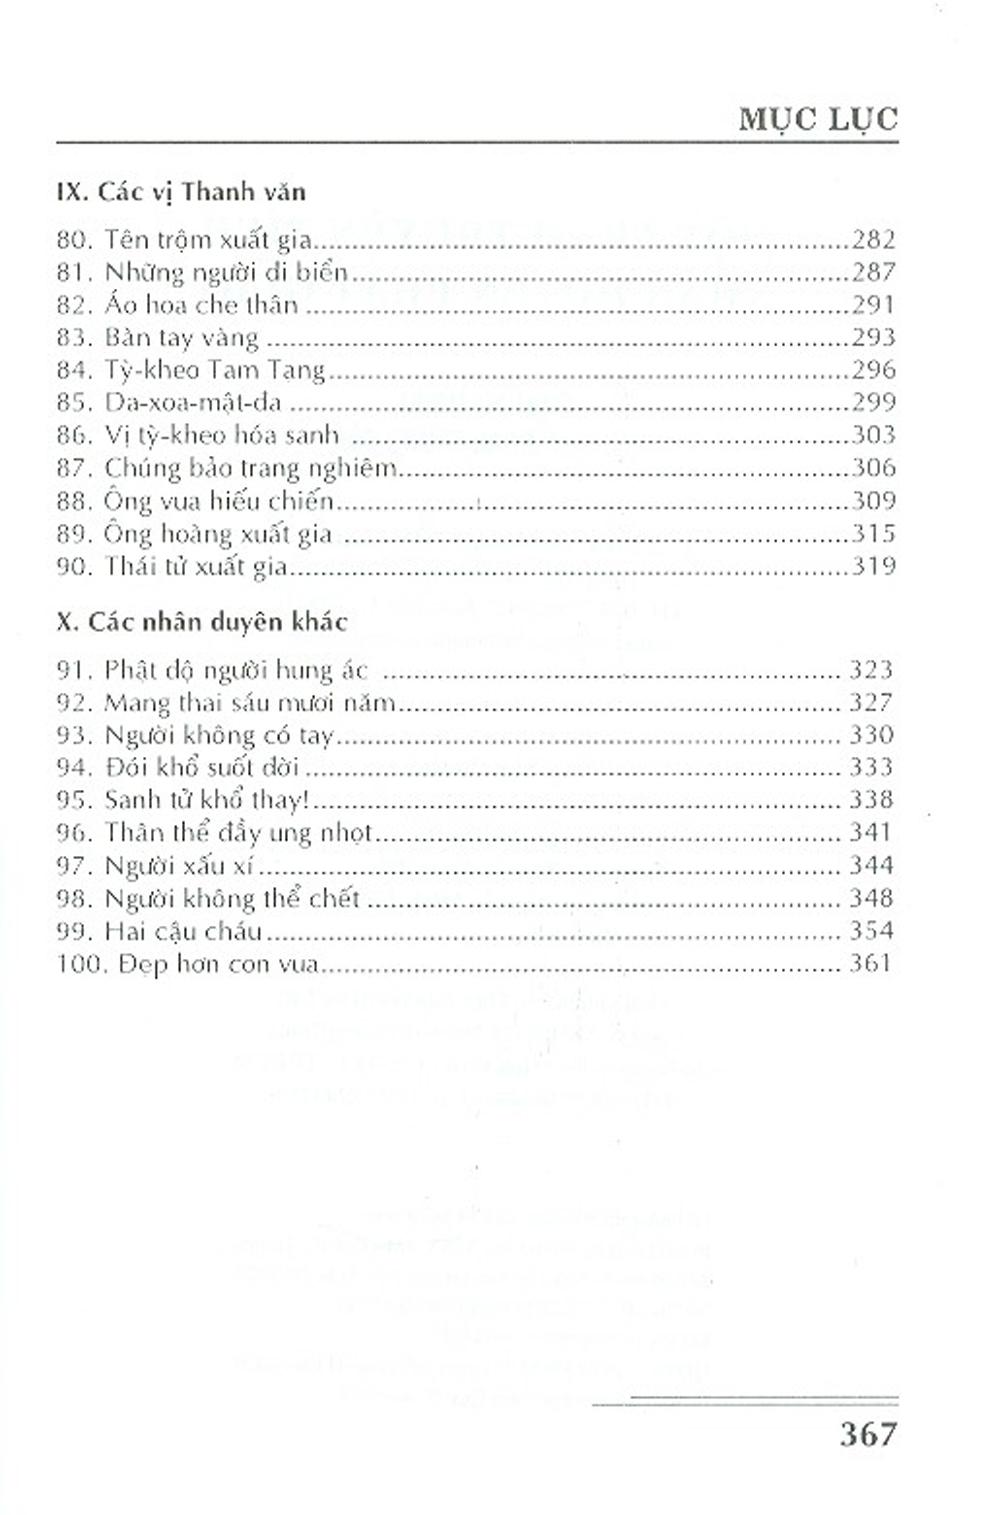 Một Trăm Truyện Tích Nhân Duyên Phật Giáo (Soạn Tập Bách Duyên Kinh)